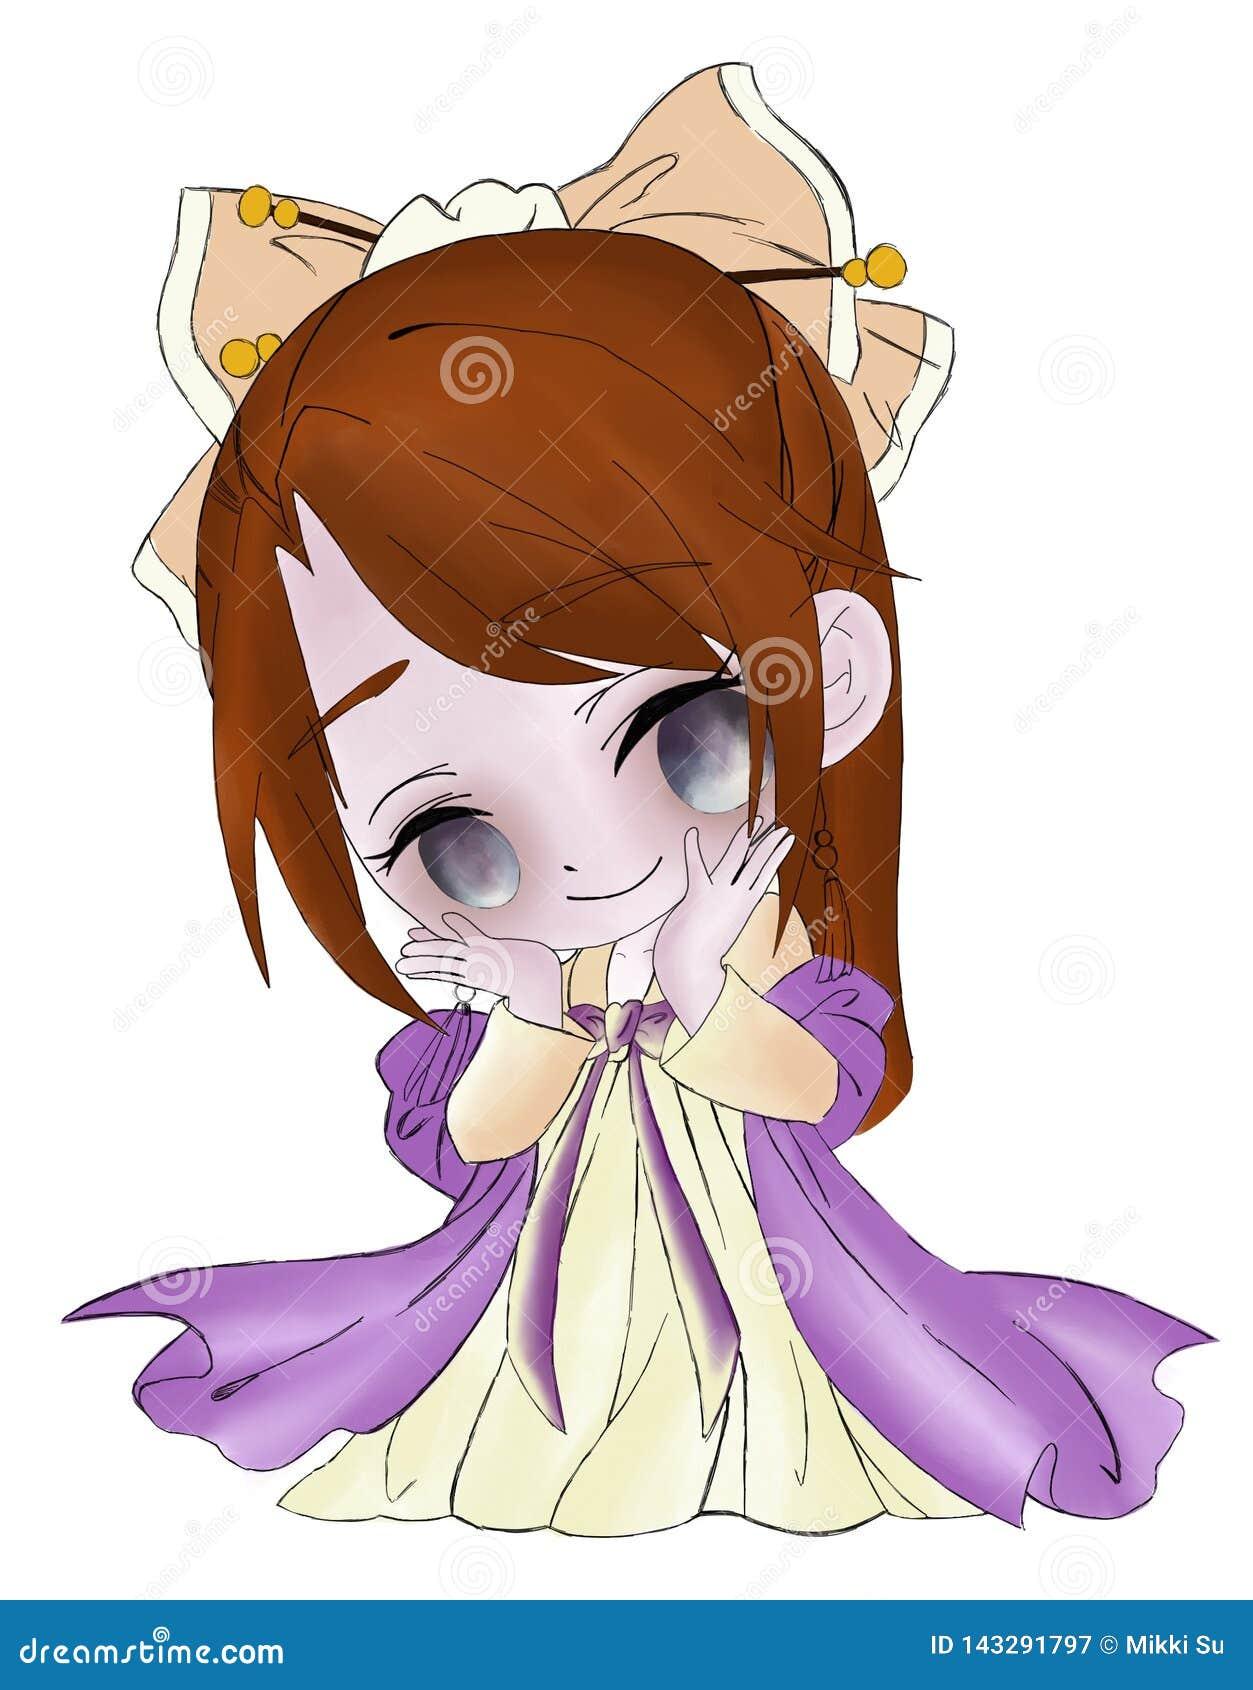 Χαριτωμένο κορίτσι σε ένα φόρεμα με ένα τόξο στο κεφάλι της